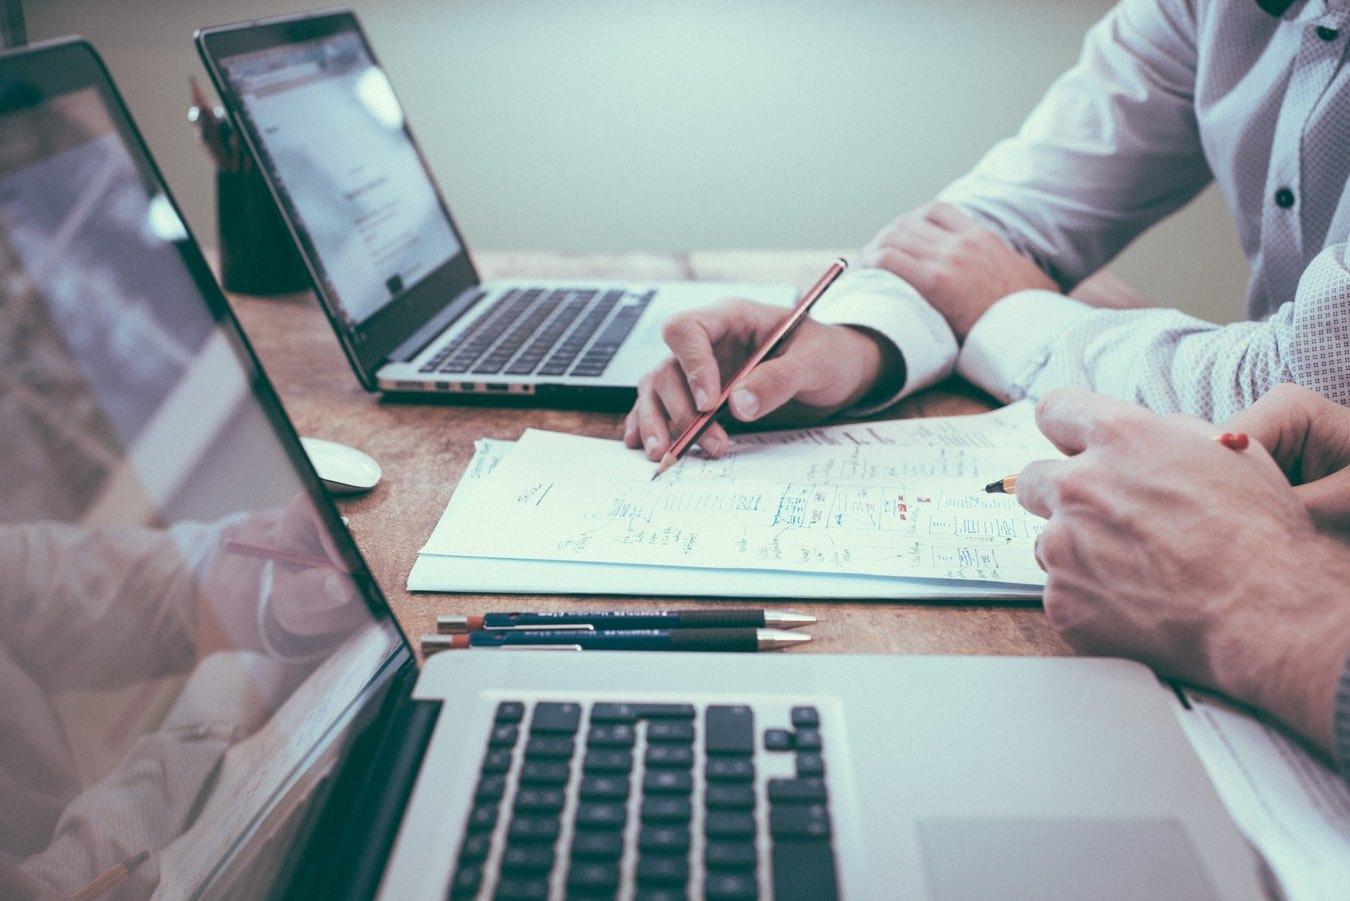 Crédit pour Acheter des Actions - Avantages, Inconvénients et Comment le Demander